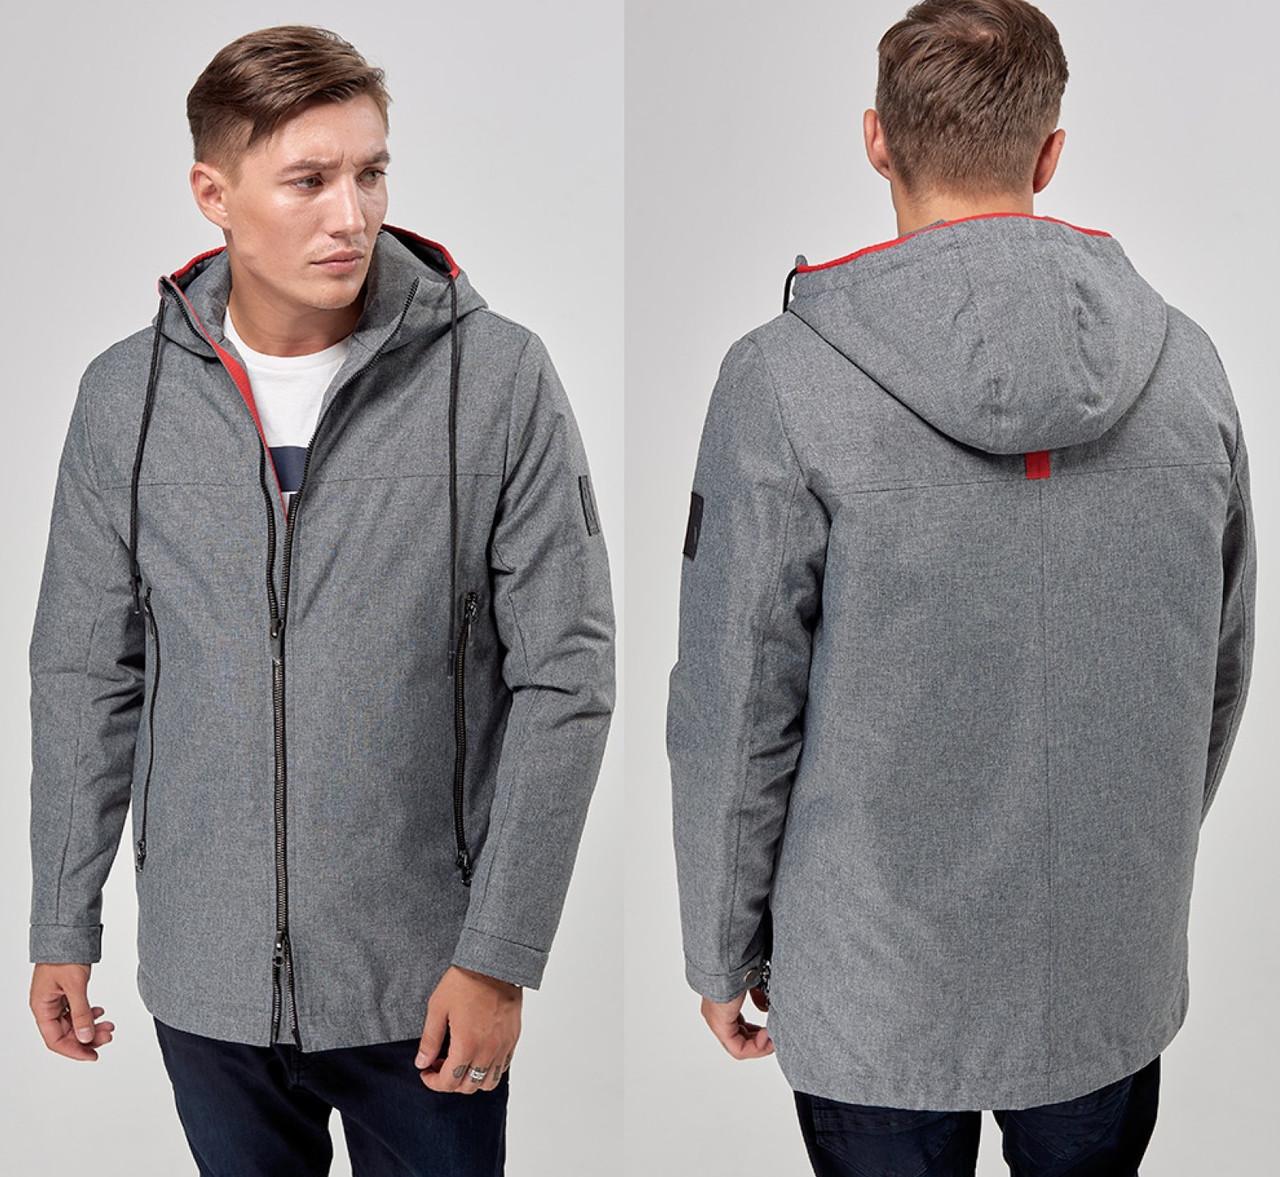 Ветровка мужская серая спортивная куртка на молнии с капюшоном, демисезонная